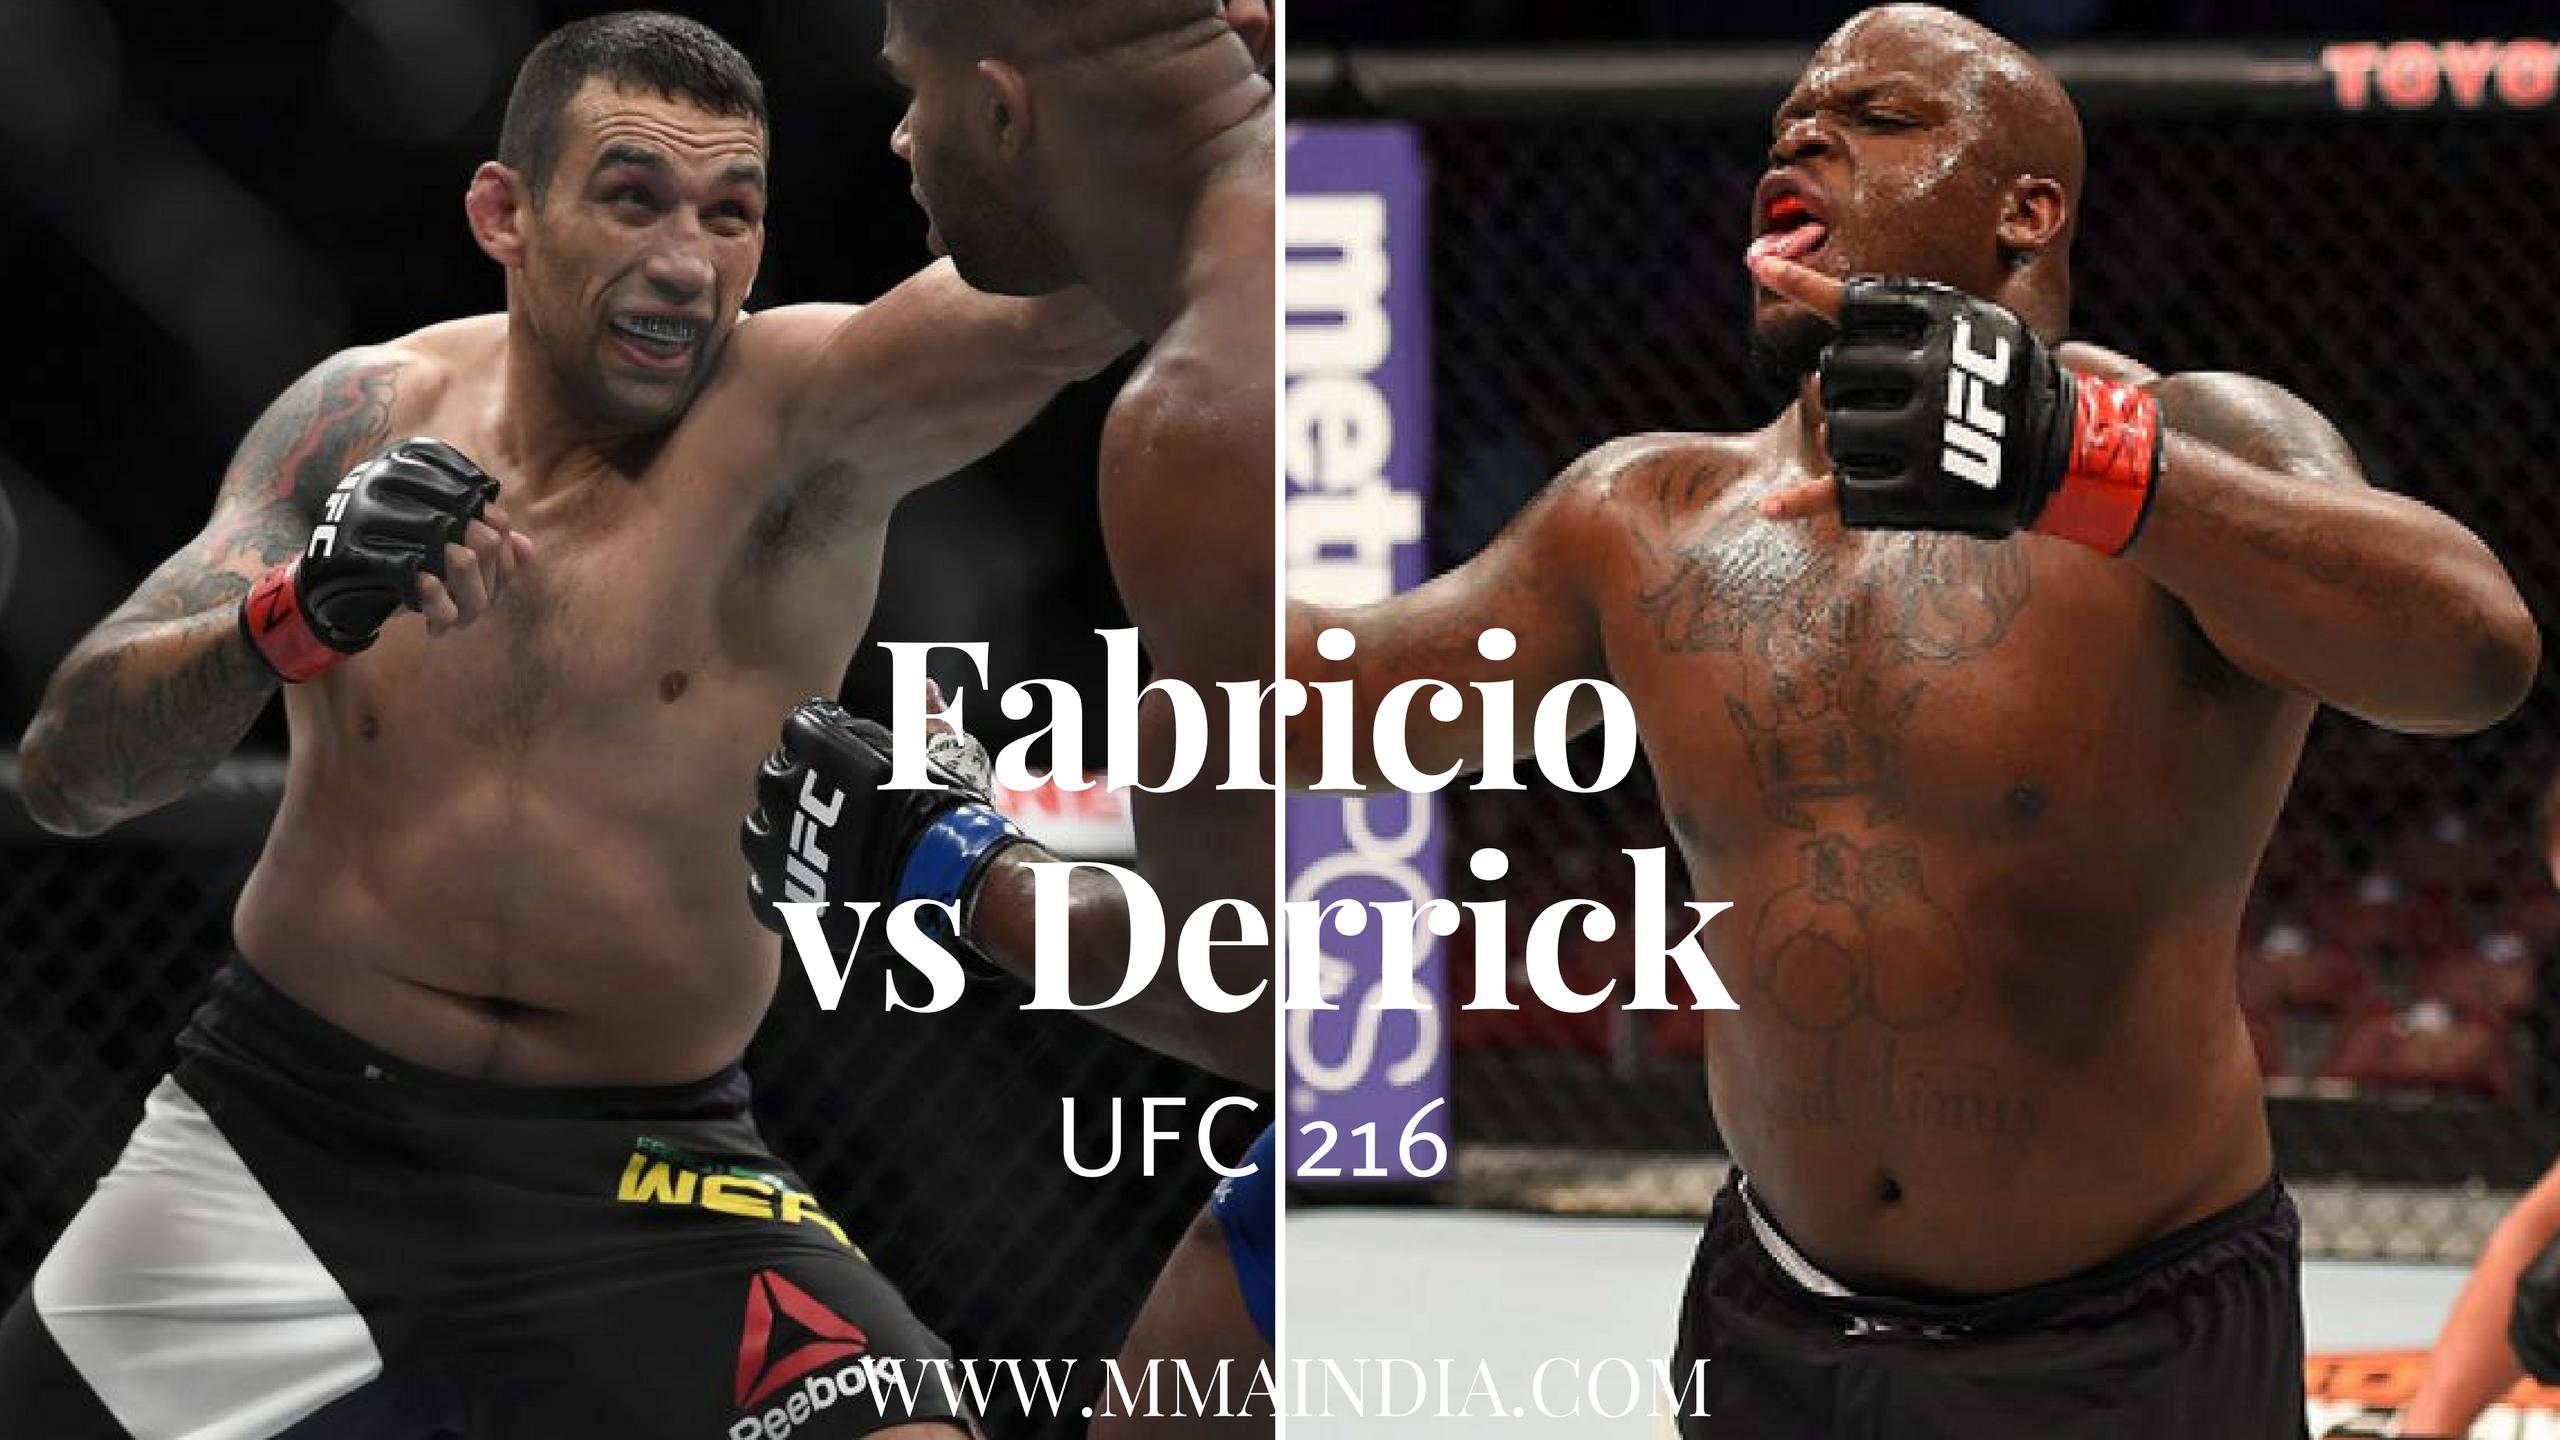 Fabricio Werdum vs Derrick Lewis at UFC 216 -